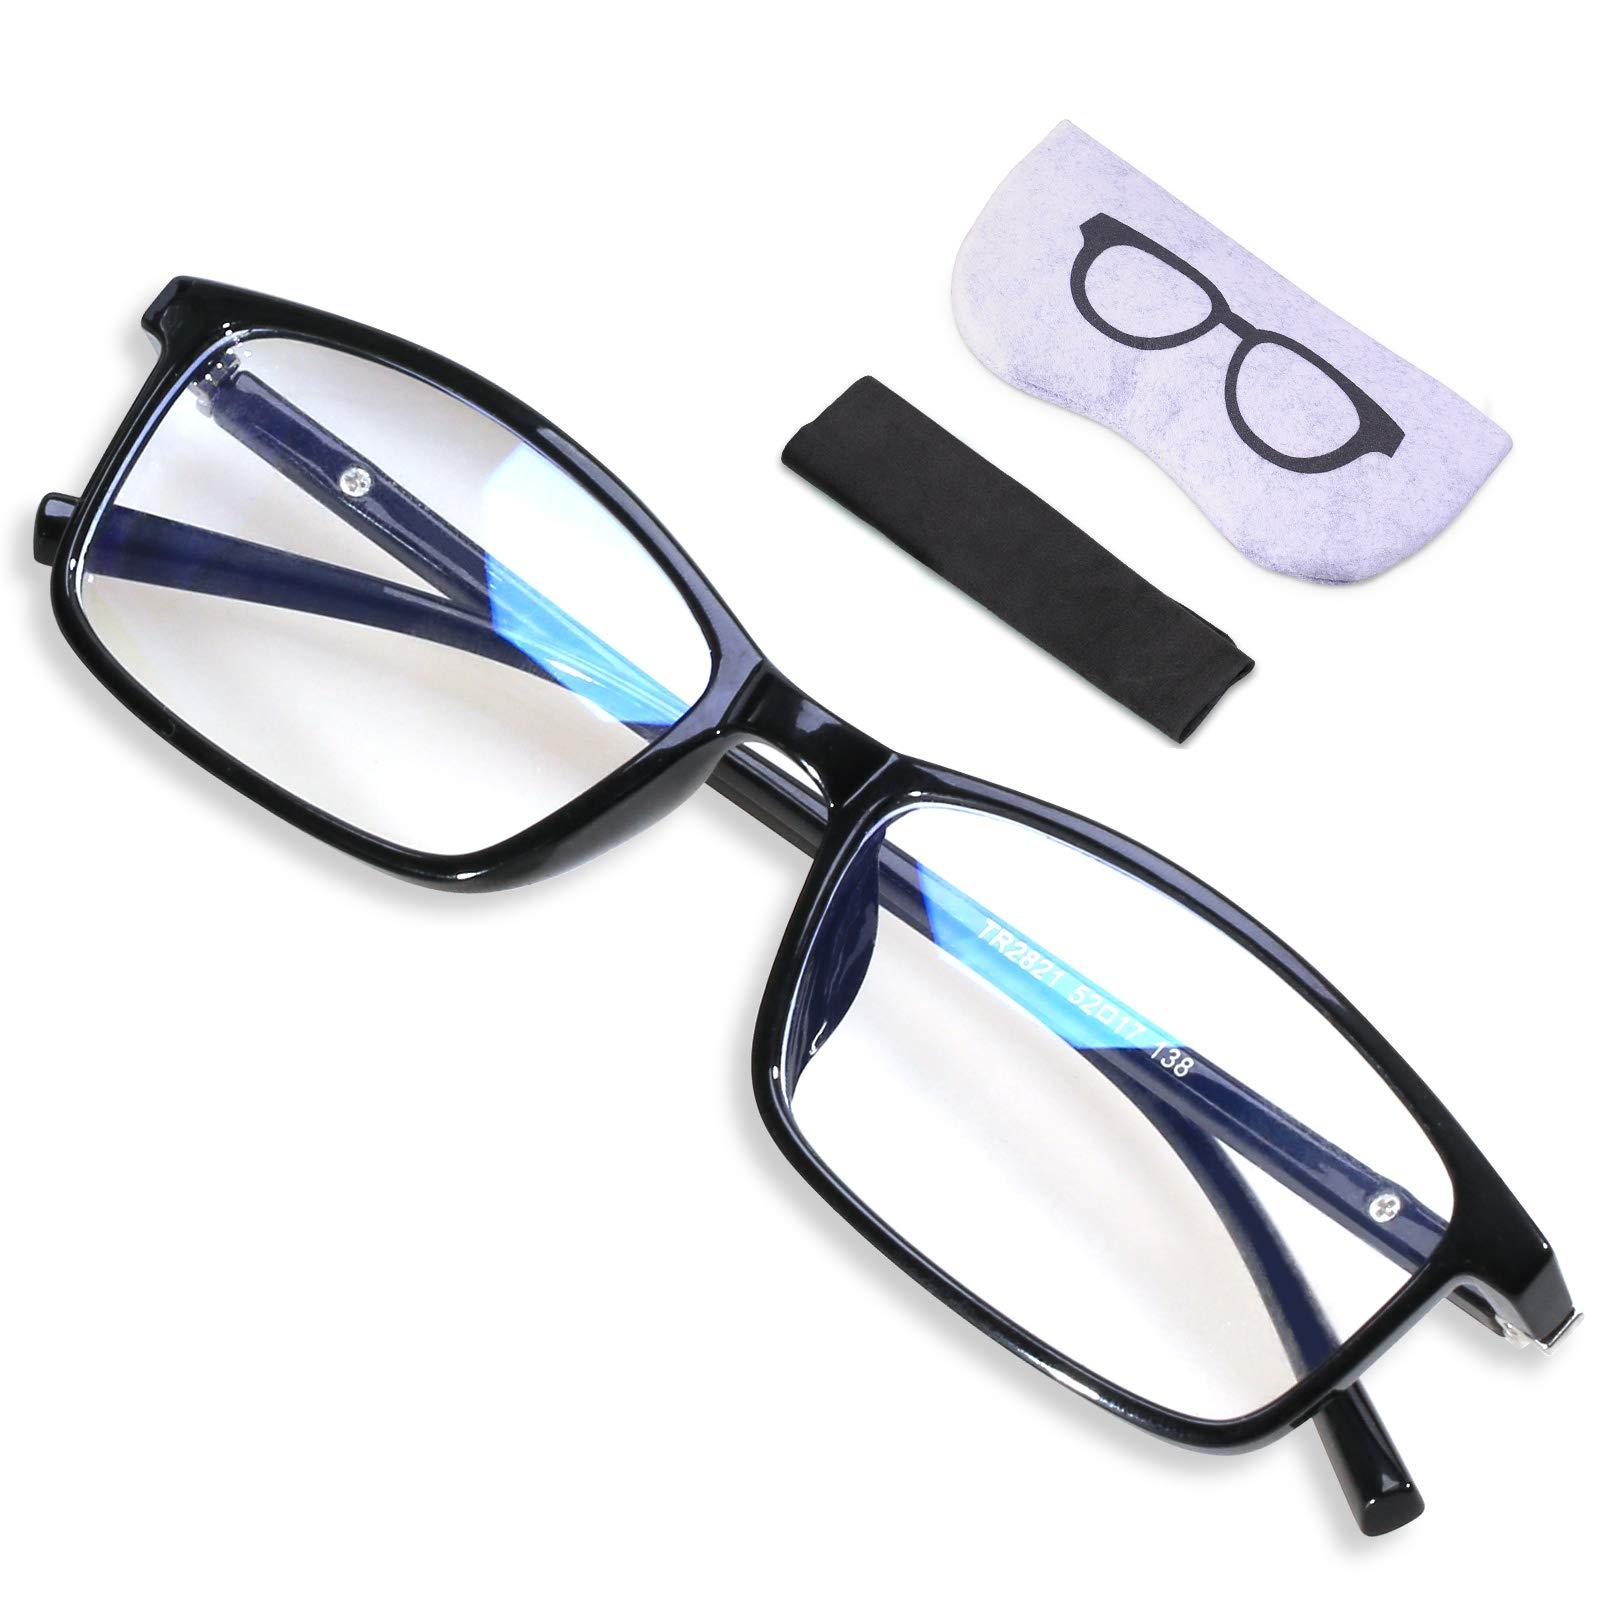 Blue Light Blocking Glasses for Women & Men, XVZ UV400 Computer Reading Glasses for Blocking UV Headache, Anti Eyestrain,Anti Glare Gaming Glasses with Transparent Lens